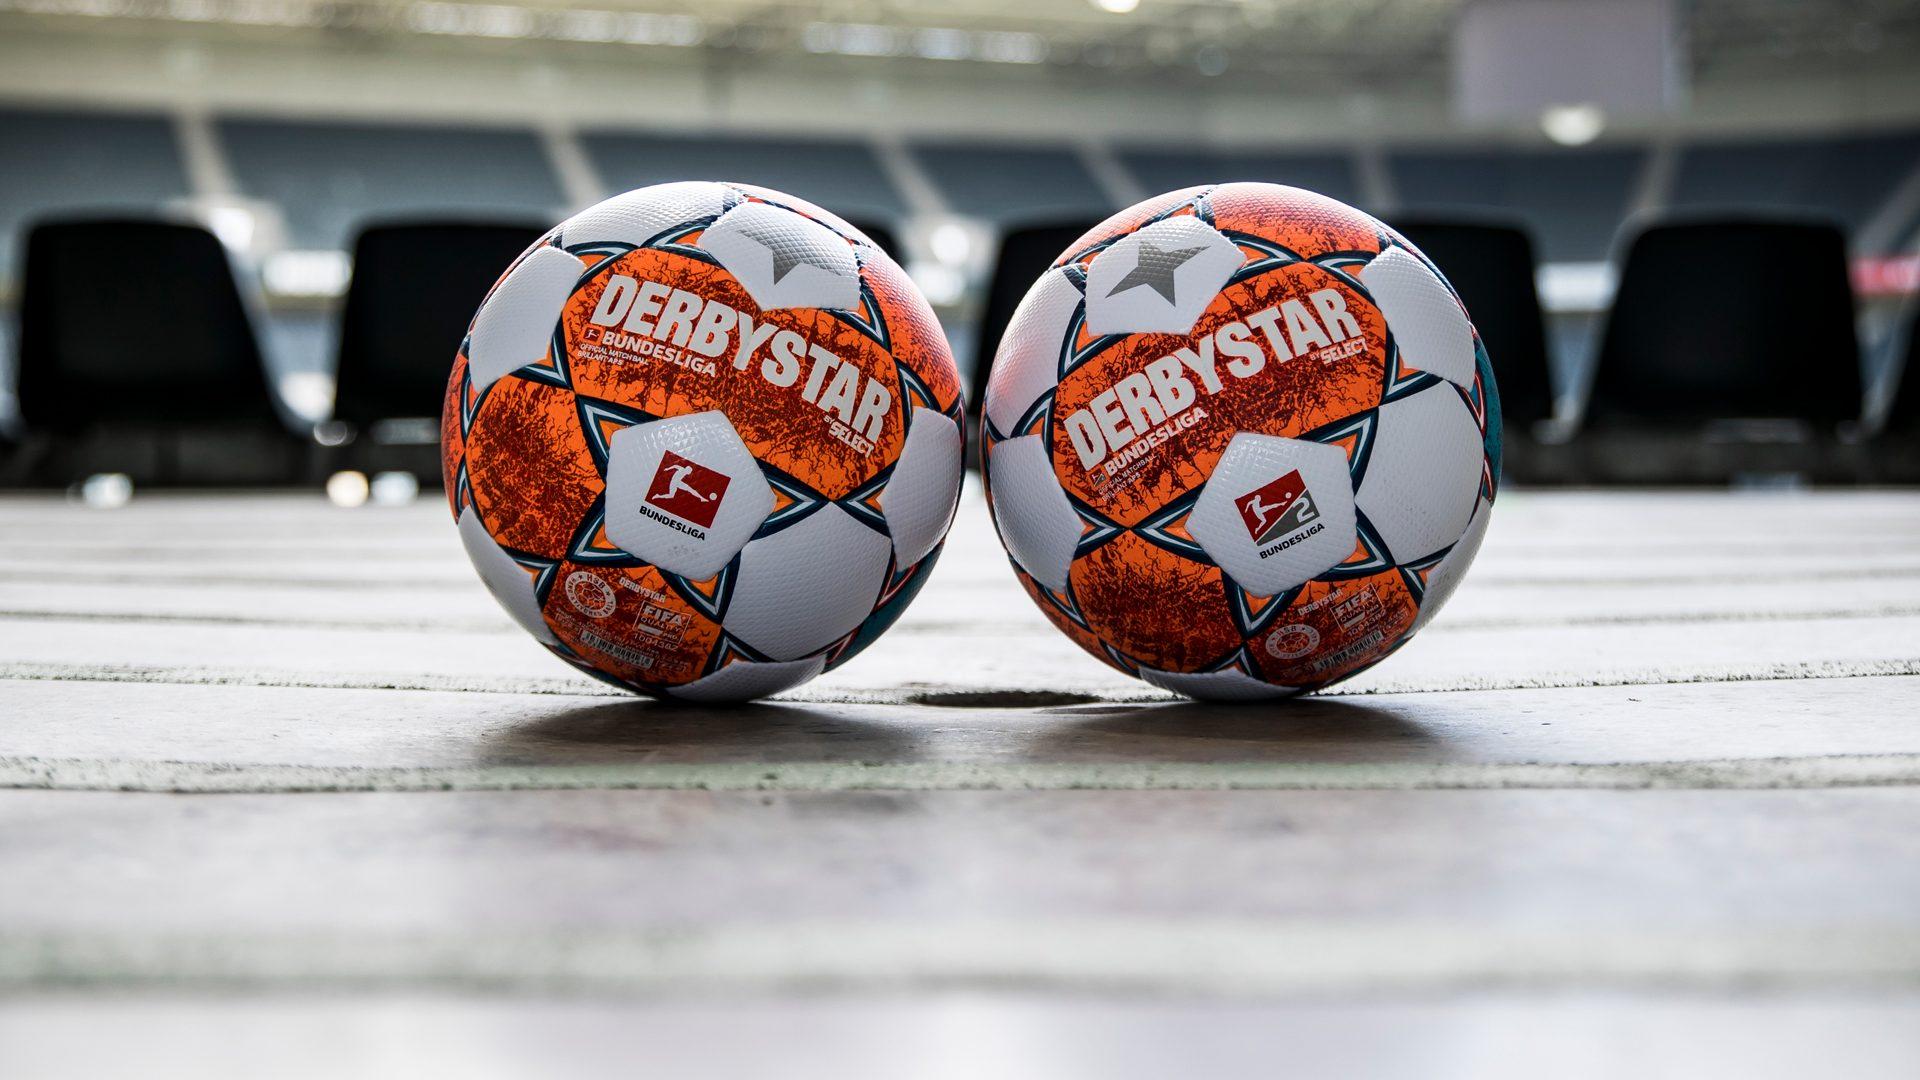 A Bundesliga hivatalos meccslabdája.